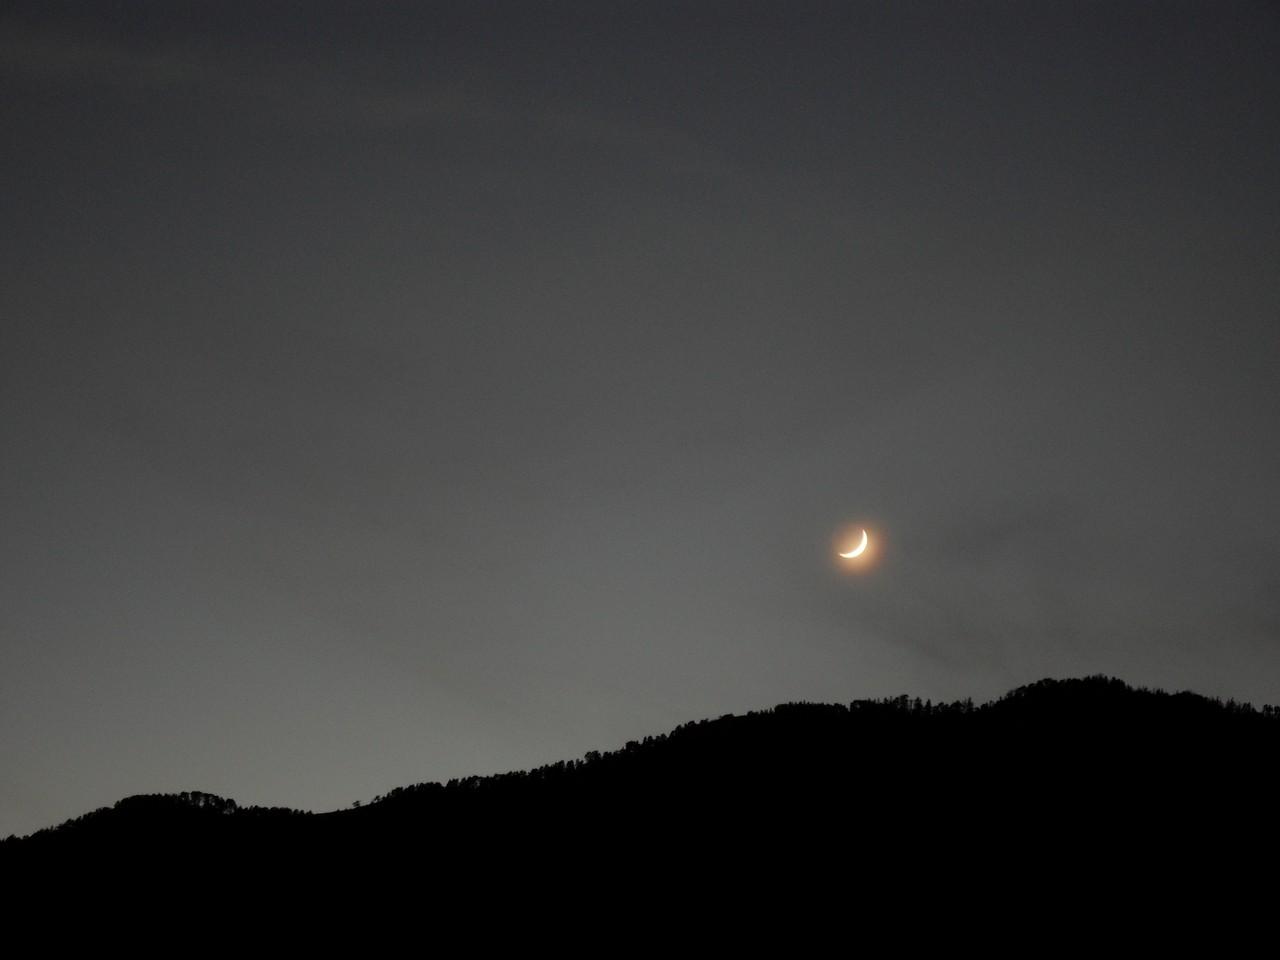 La lune et ses influences fourre too - Lune montante et descendante ...